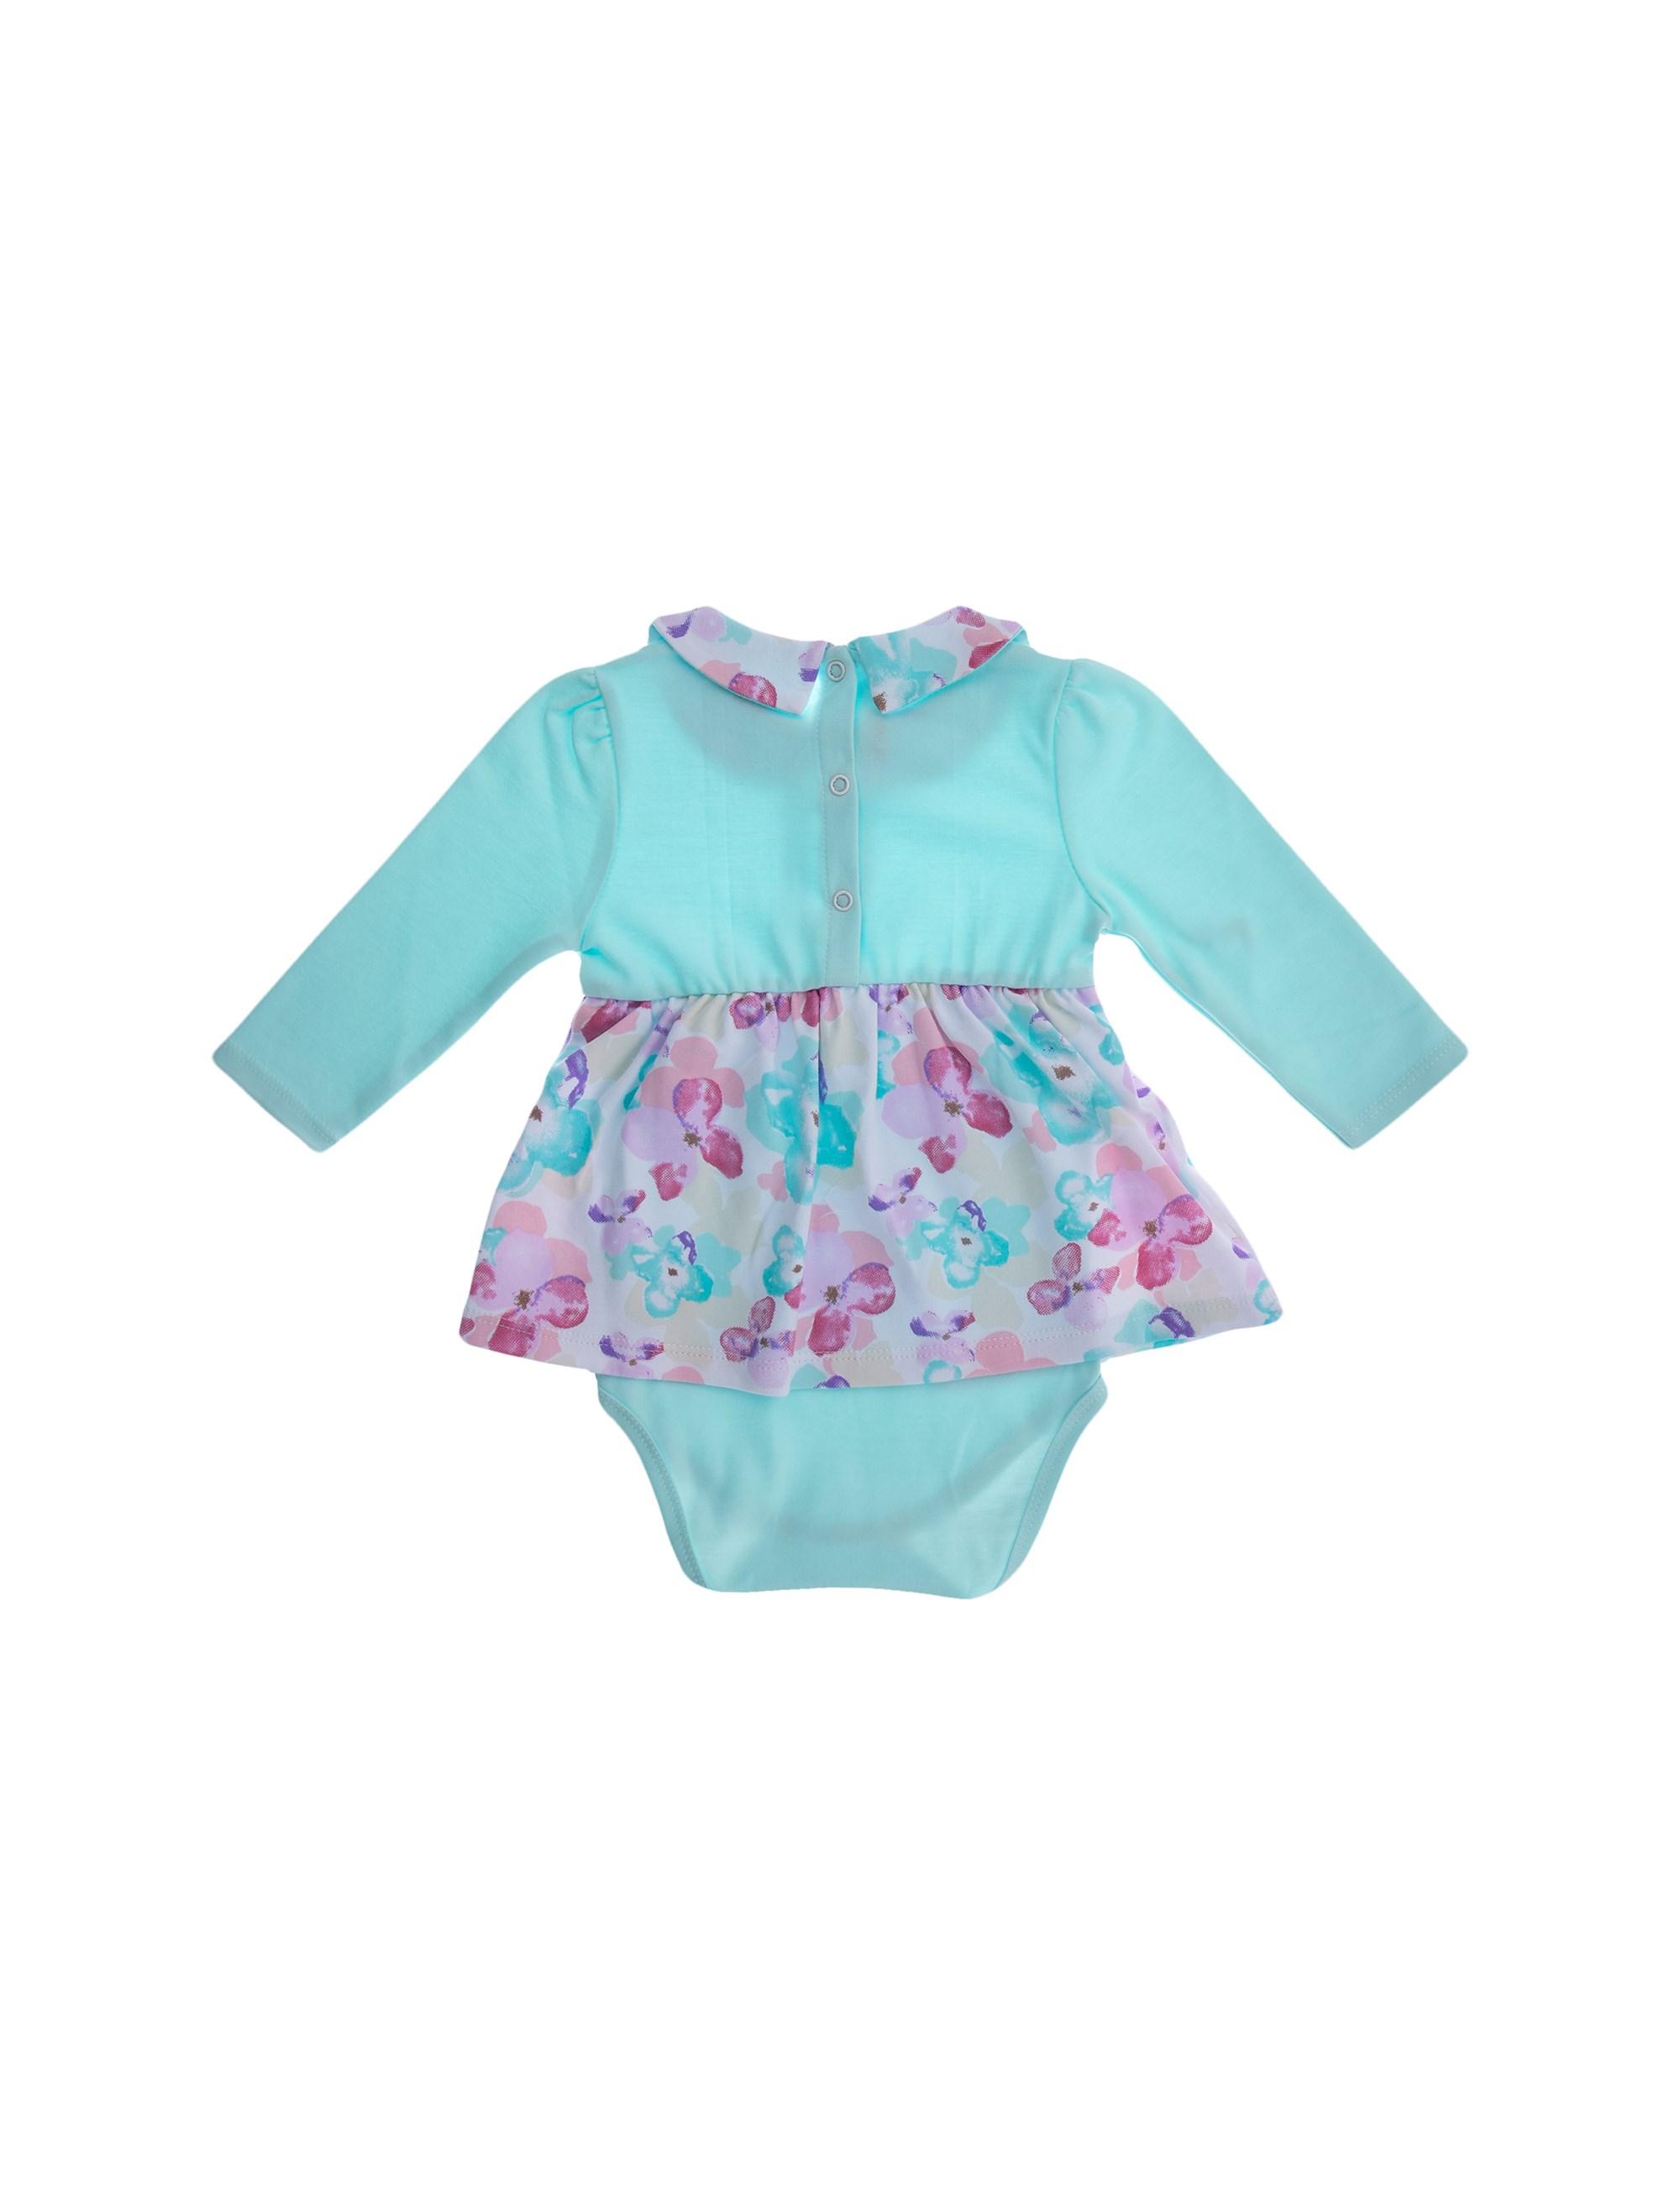 پیراهن نخی آستین بلند نوزادی دخترانه - بی بی ناز - چند رنگ - 5